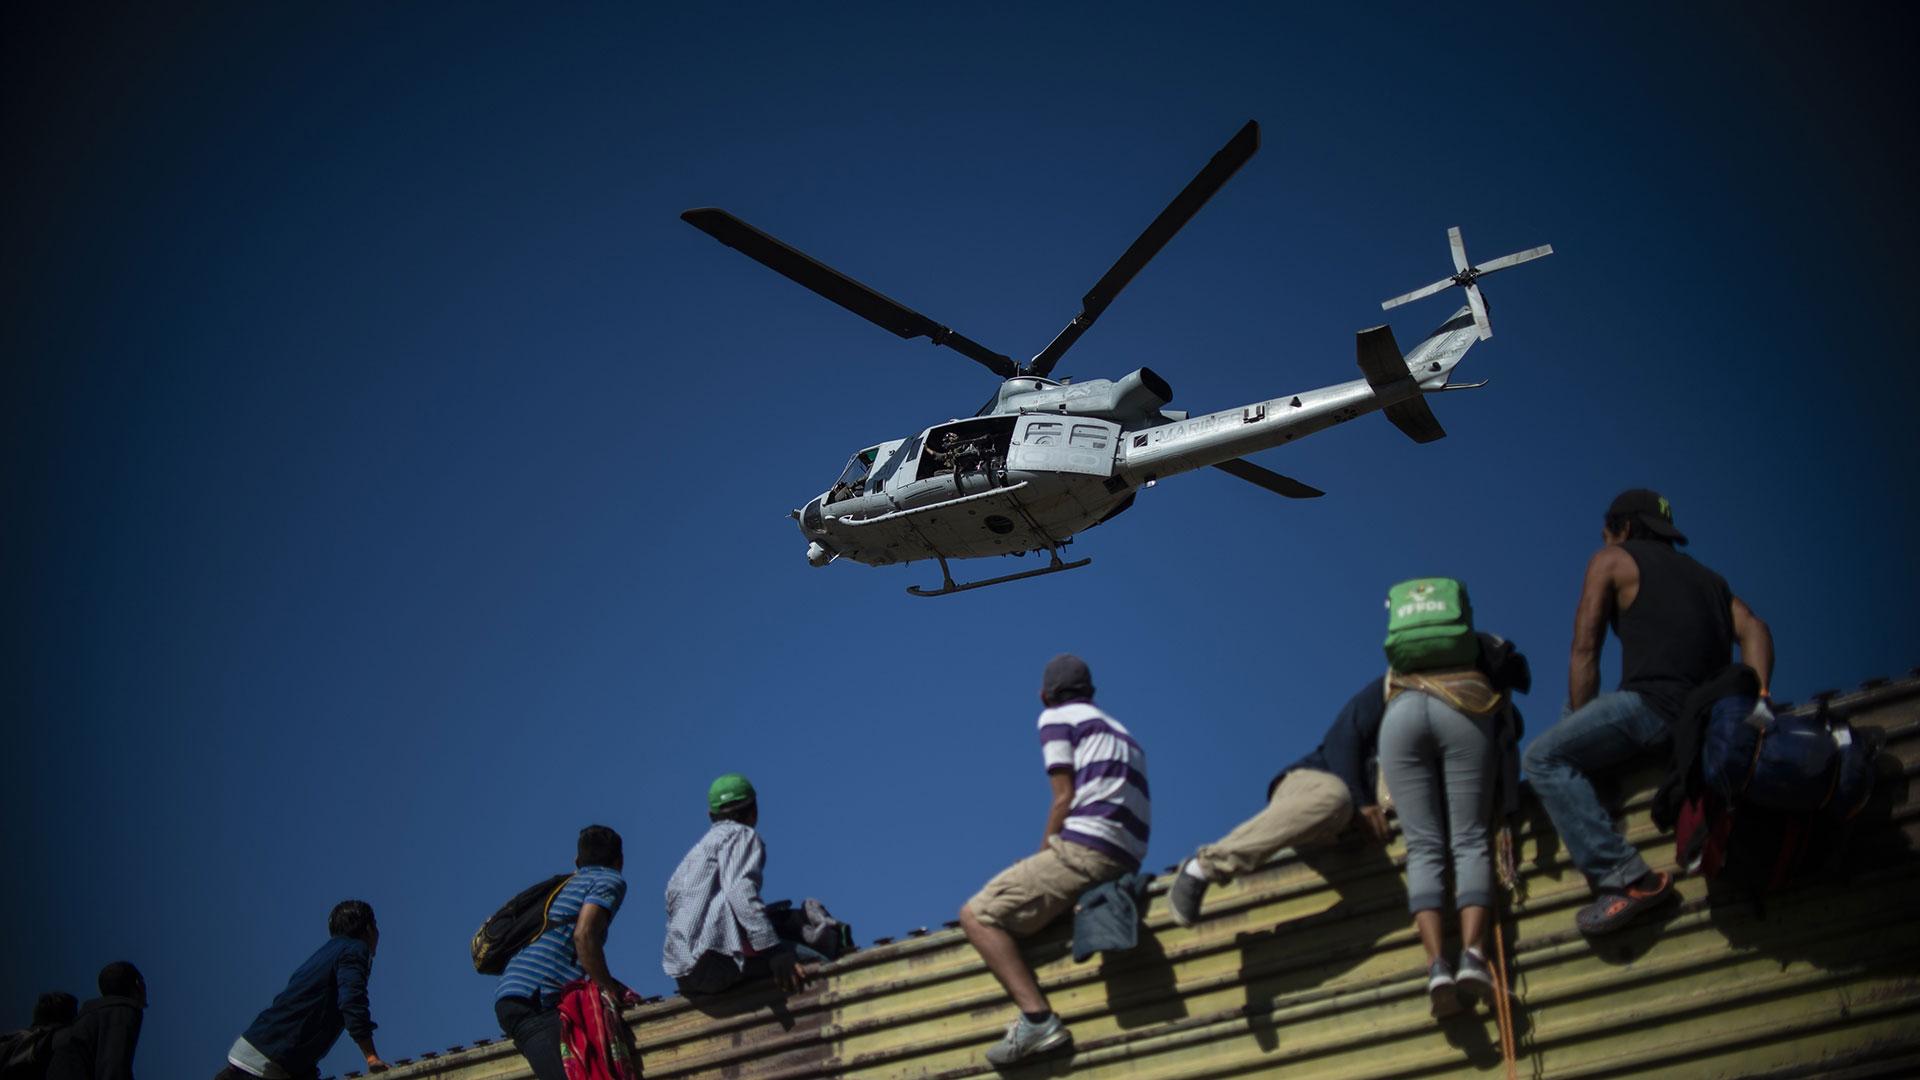 Una de las formas que han encontrado los migrantes para llegar a EEUU es brincar por la la valla en la frontera con México (Foto: AFP)